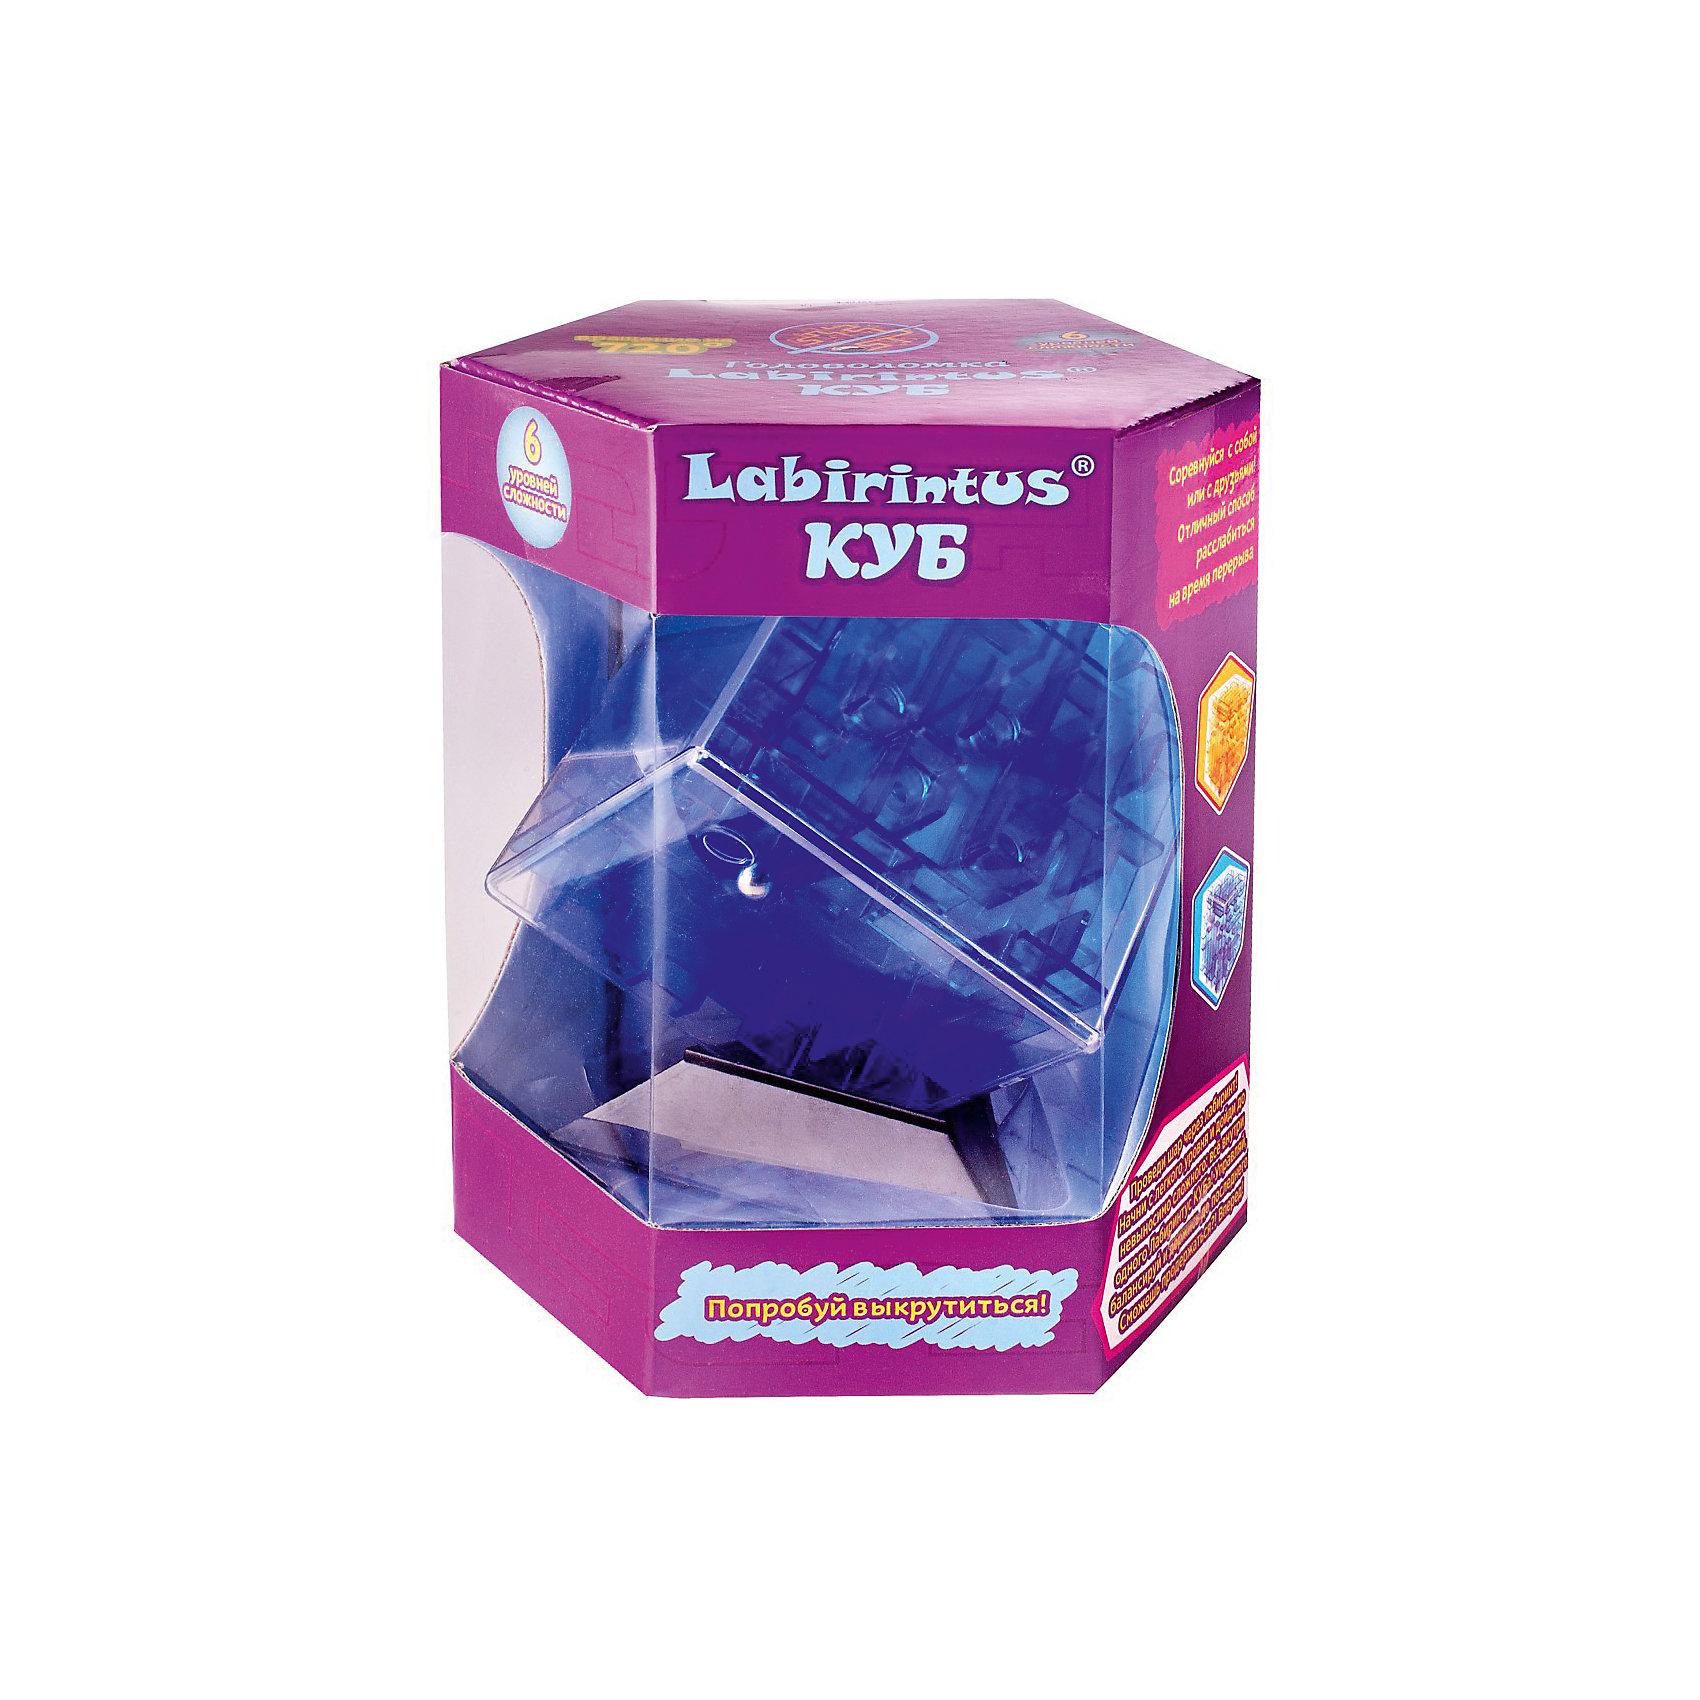 Лабиринтус Куб,  10см, синий, прозрачный, LabirintusЛабиринтус Куб,  10см, синий, прозрачный, Labirintus<br><br>Лабиринт из различных дорожек в прозрачномкубе ведет к цели металлический шарик, путем вращения прозрачной сферы в руках. Игрушка, предназначенная развивать терпение, ловкость, память, моторику и пространственное мышление.<br><br>Вес: 0,35<br>Инд. упаковка: коробка<br>Материал: пластик, металл<br>Размеры ДхВхШ: 0,145х0,19х0,17<br><br>Ширина мм: 145<br>Глубина мм: 170<br>Высота мм: 190<br>Вес г: 350<br>Возраст от месяцев: 48<br>Возраст до месяцев: 192<br>Пол: Унисекс<br>Возраст: Детский<br>SKU: 5124643